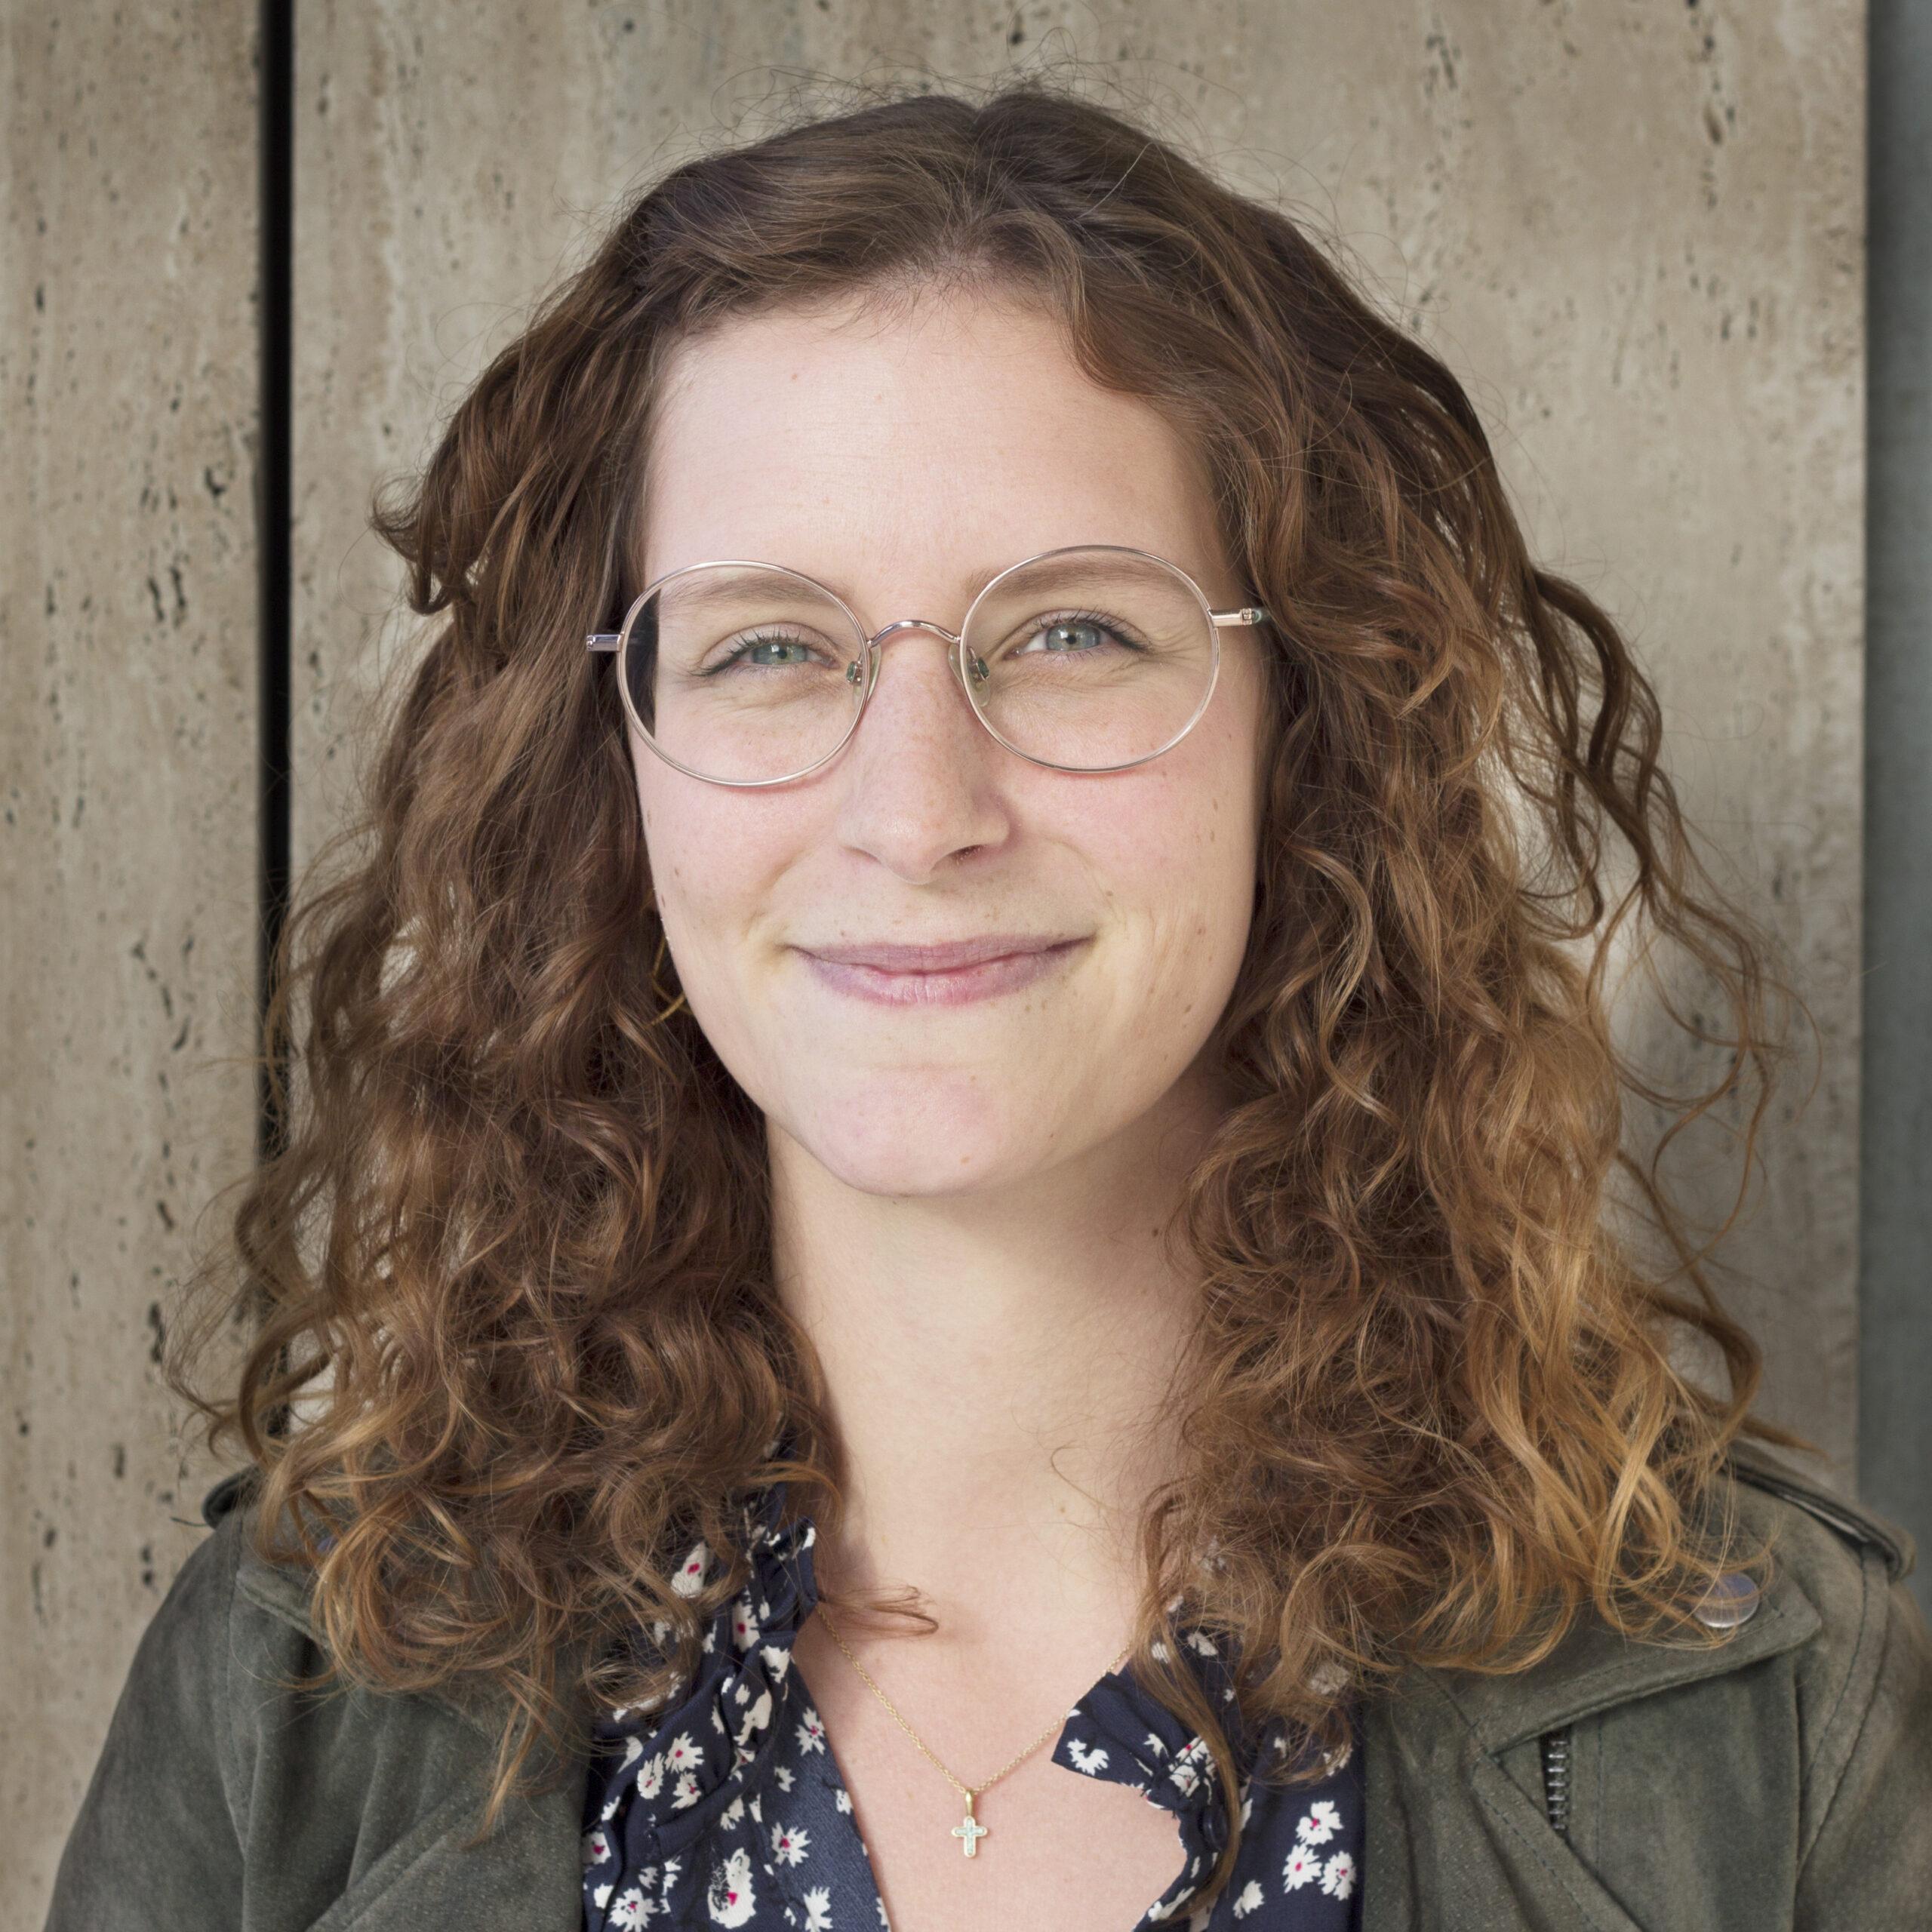 Billede til indlægget Portræt: Teolog og ph.d.-studerende Anne-Milla Wichmann Kristensen